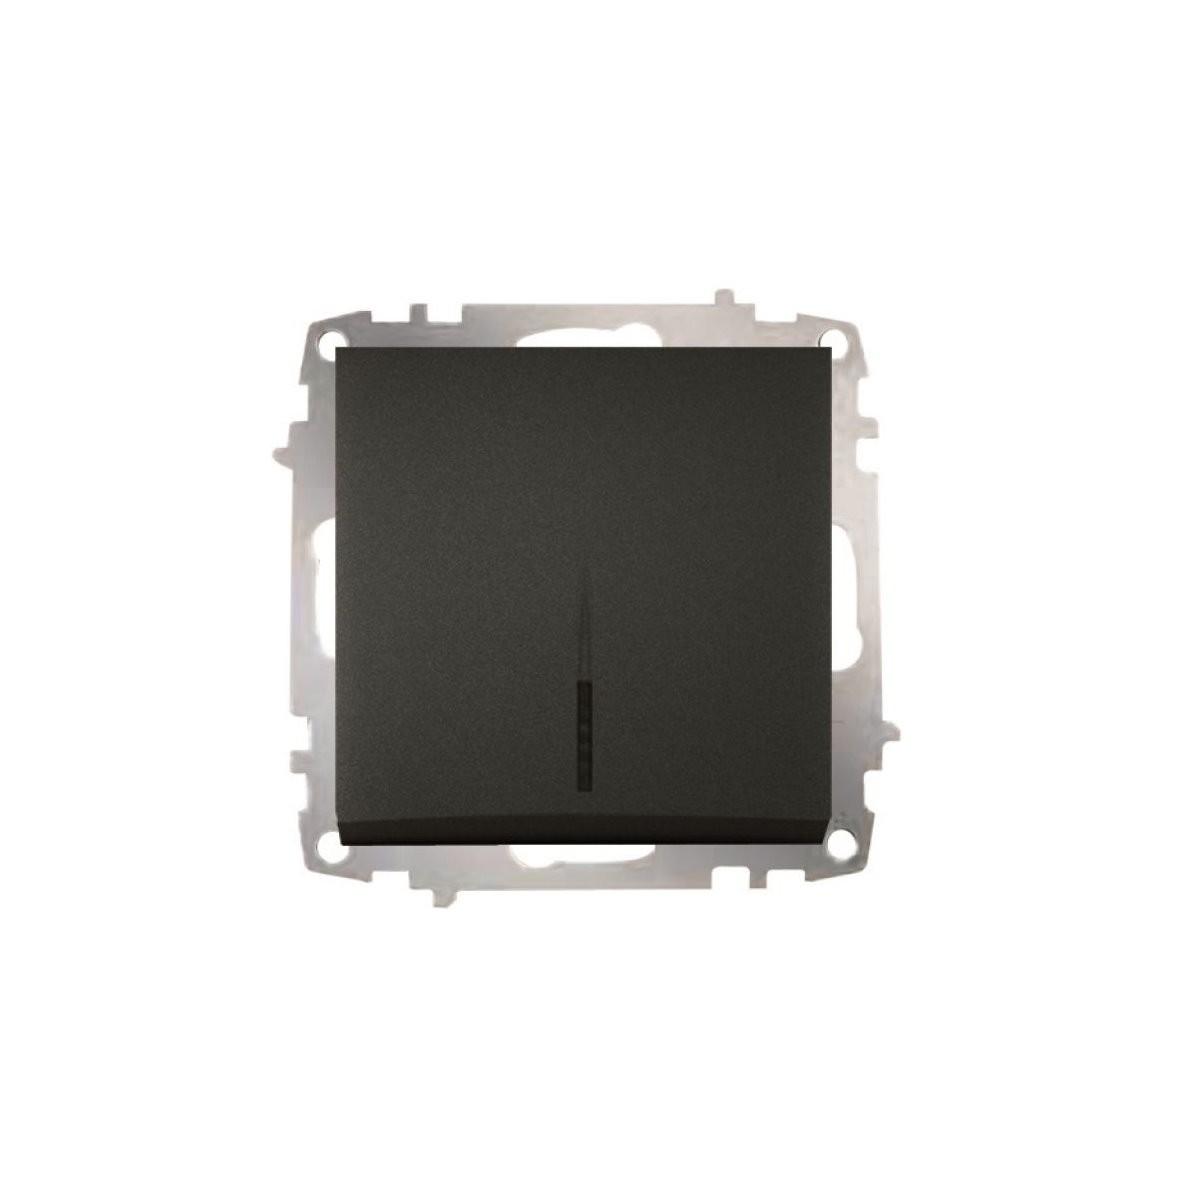 Изображение ZENA модуль черный Выключатель 1 кл с подсветкой